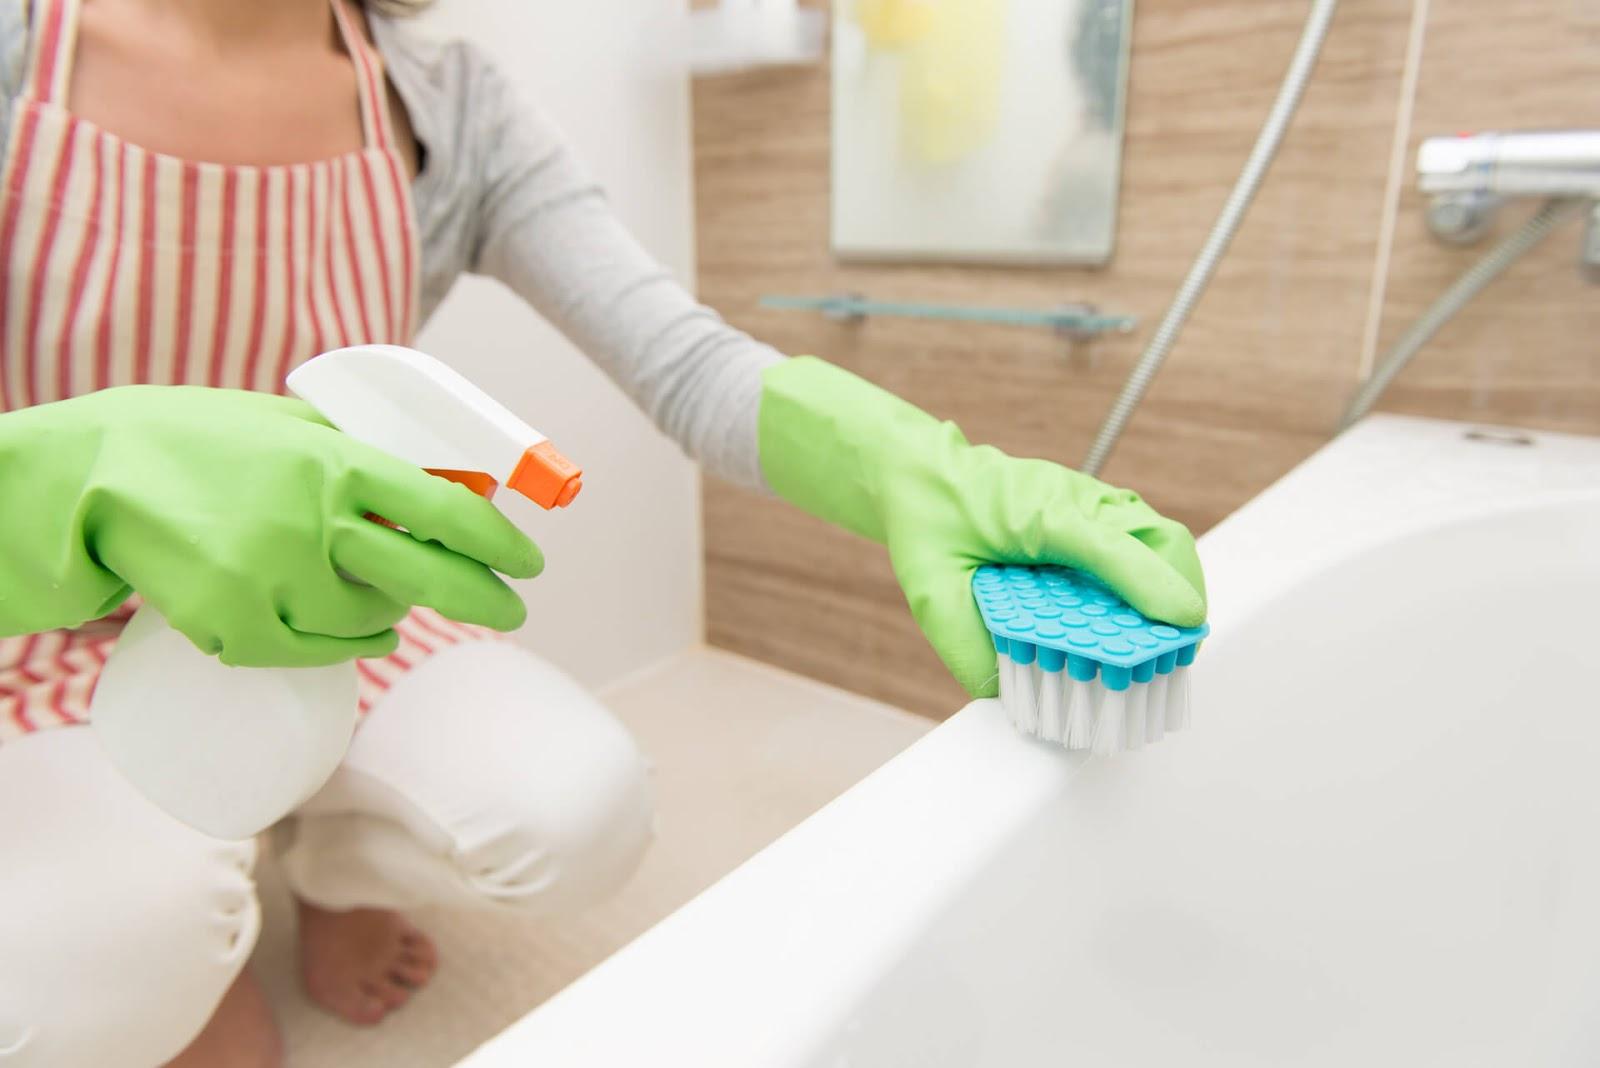 Woman scrubbing her bathtub